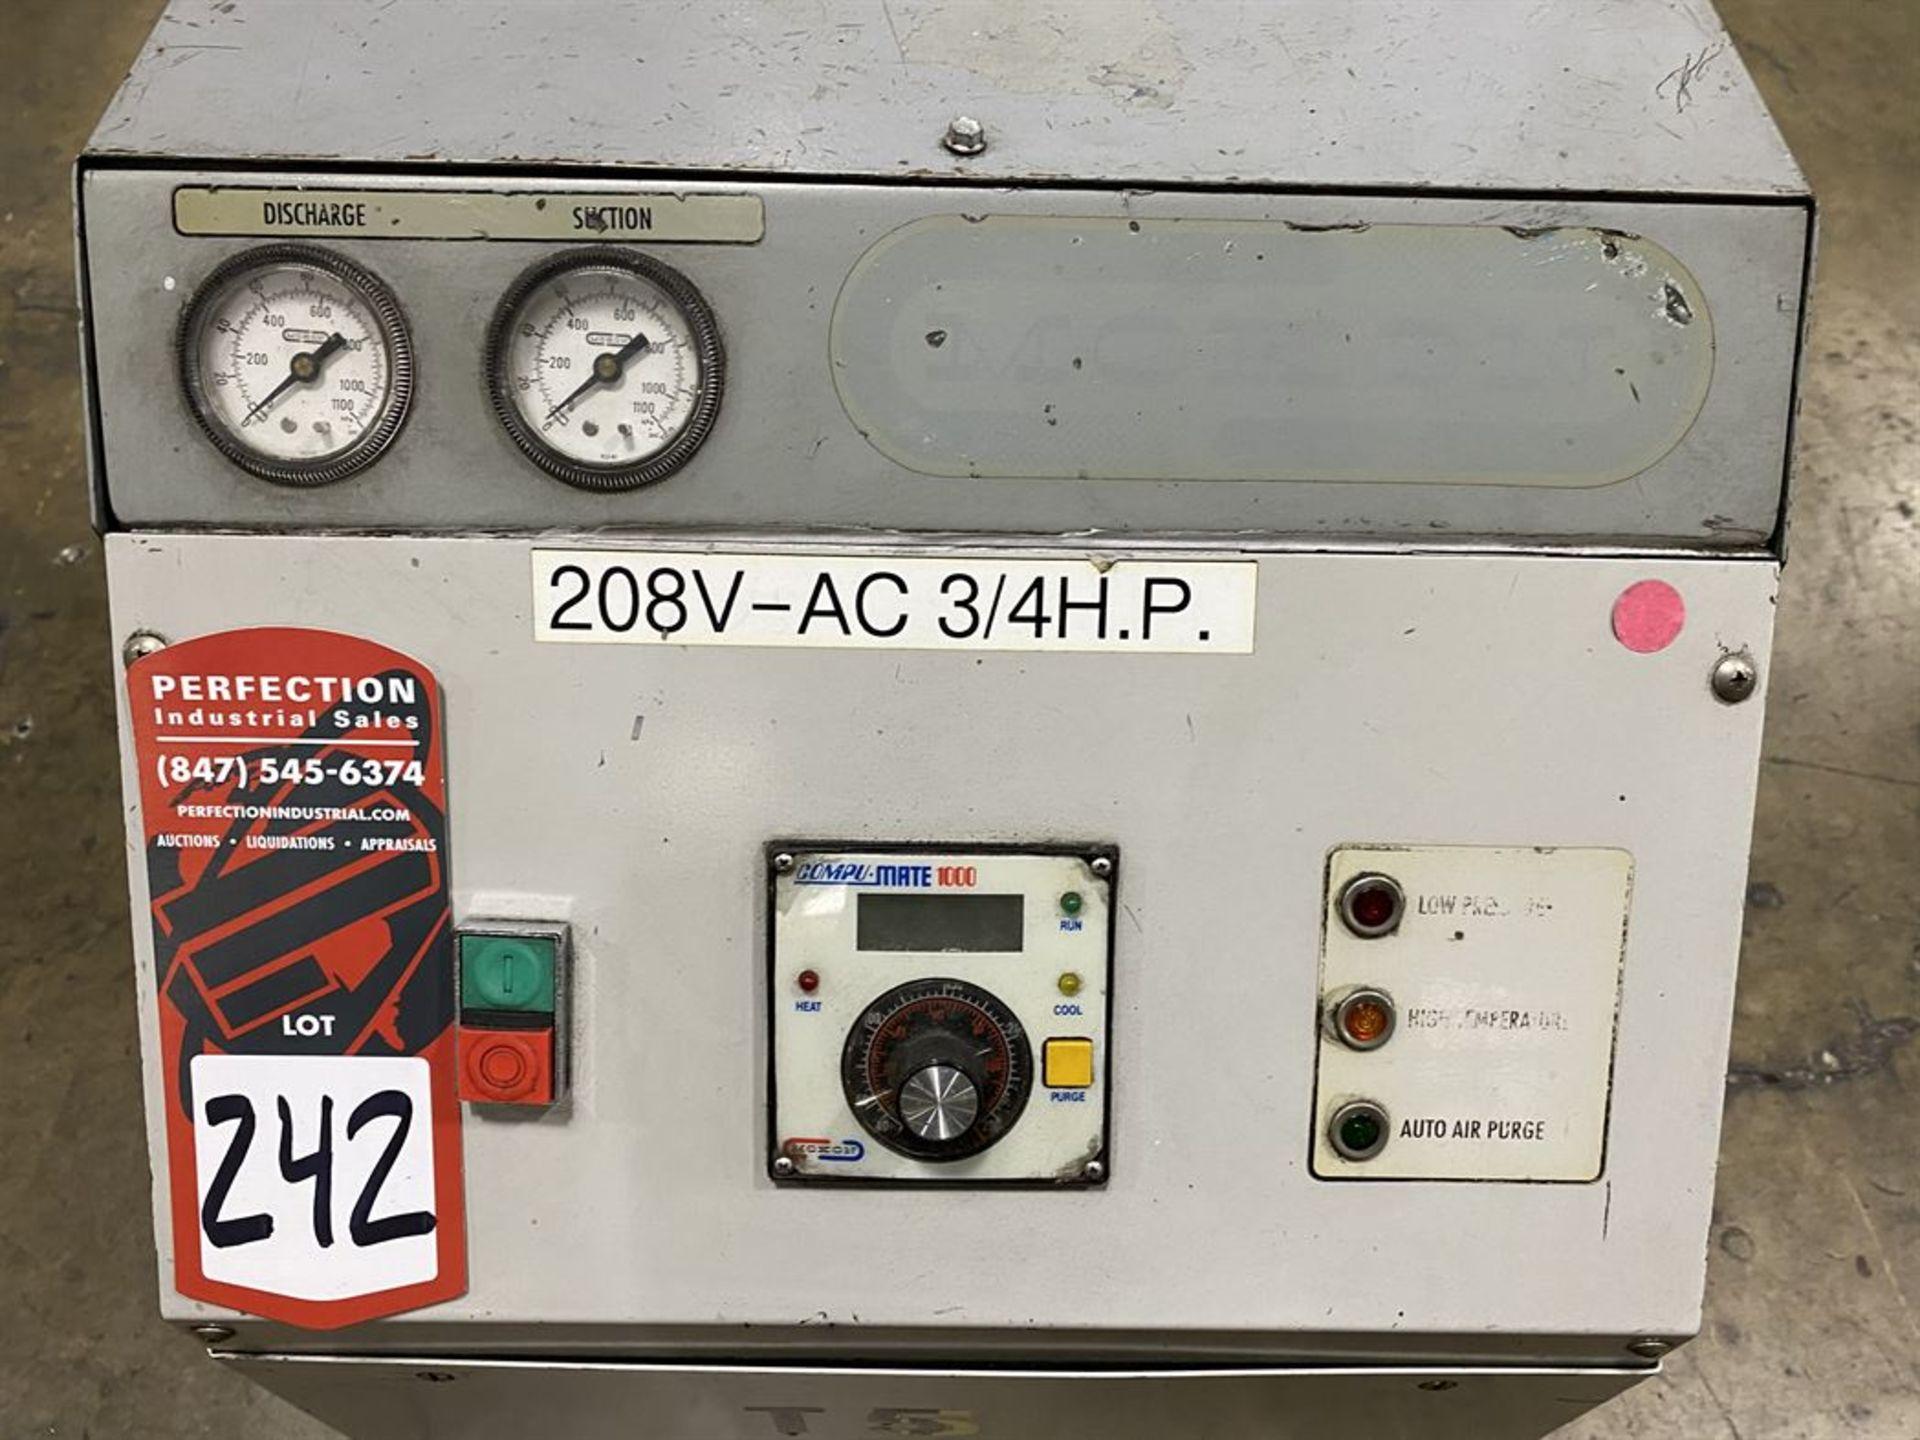 Lot 242 - Mokon DT7H07-00 Temperature Control, s/n 40561